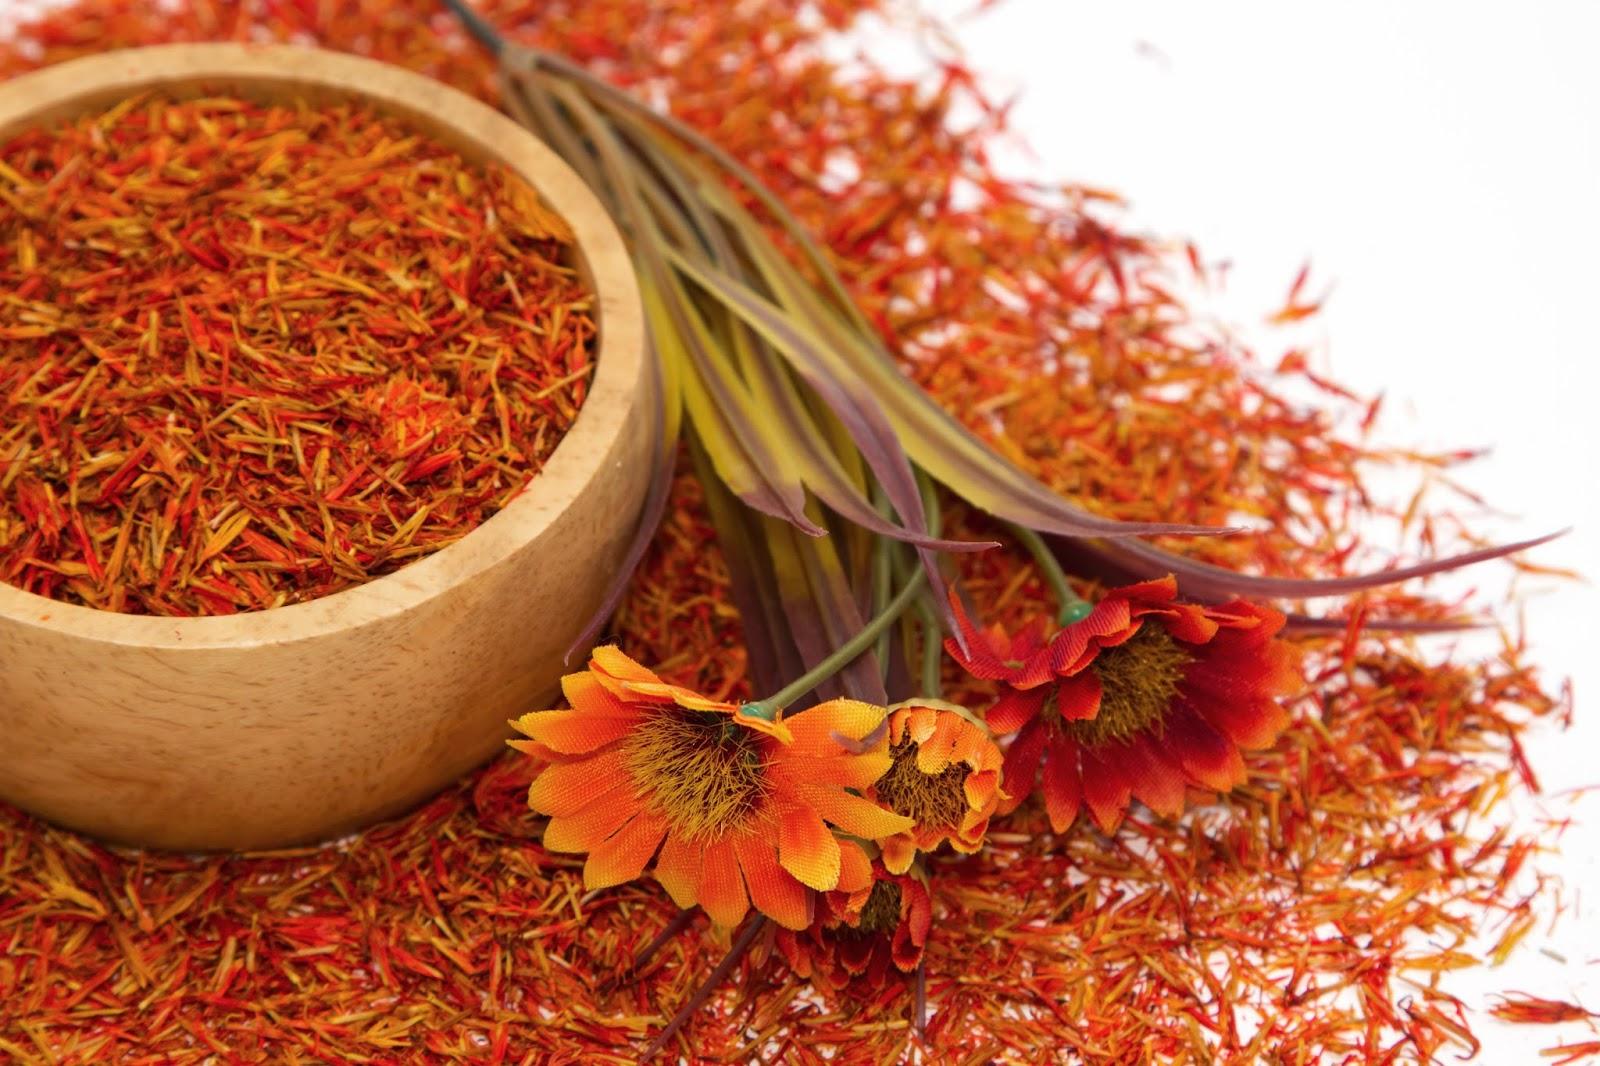 Safflower herbs